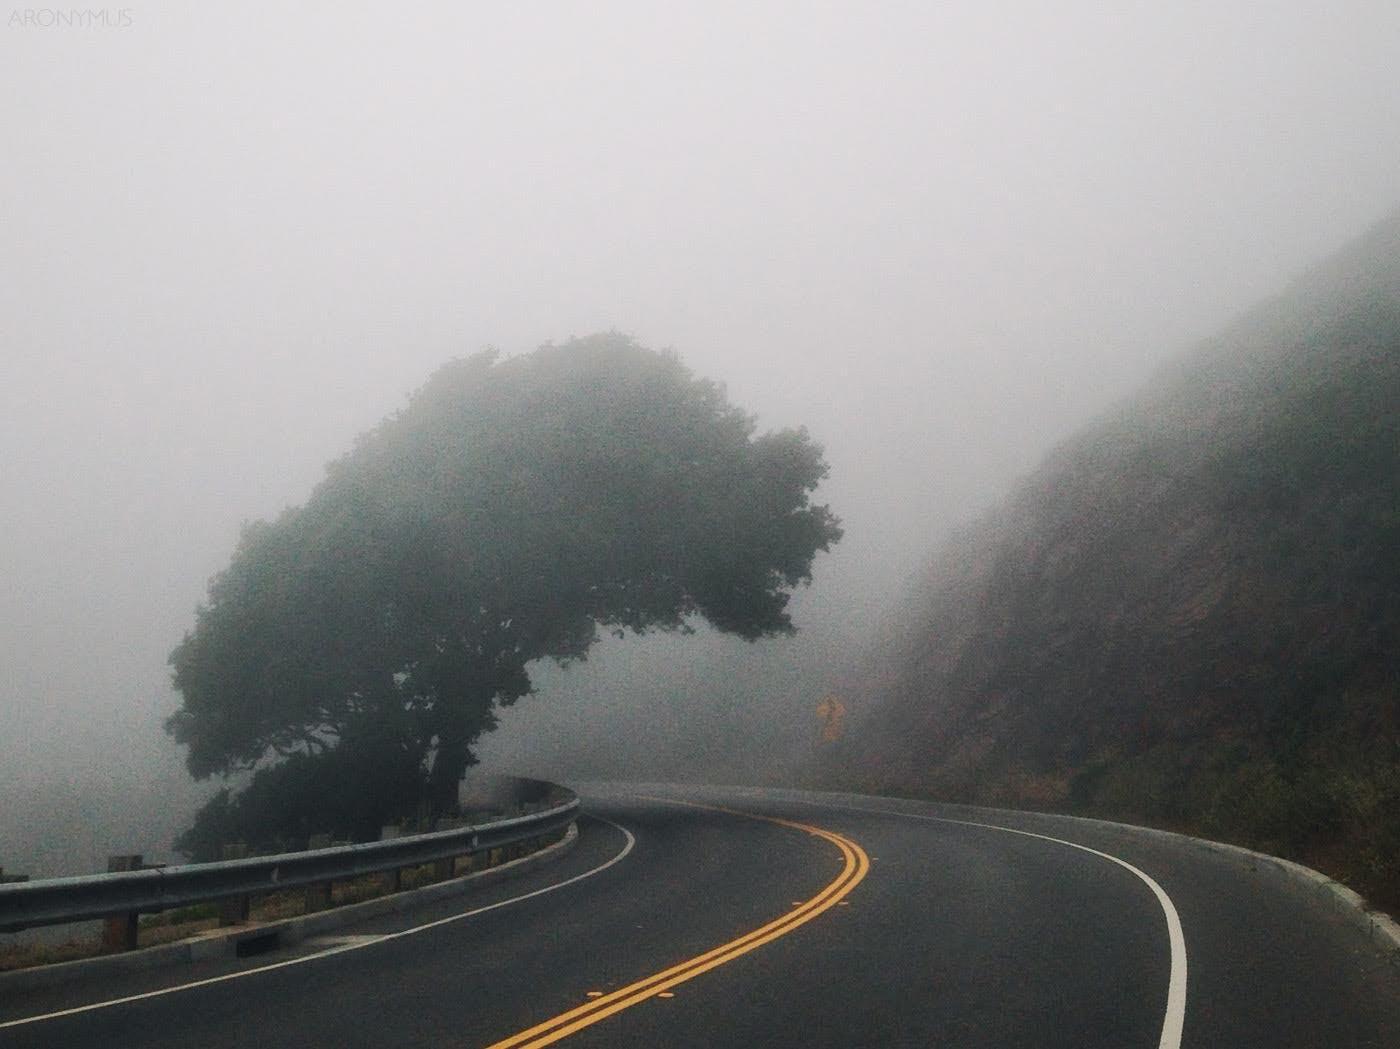 Δωρεάν στοκ φωτογραφιών με άσφαλτος, βουνό, δέντρο, δρόμος